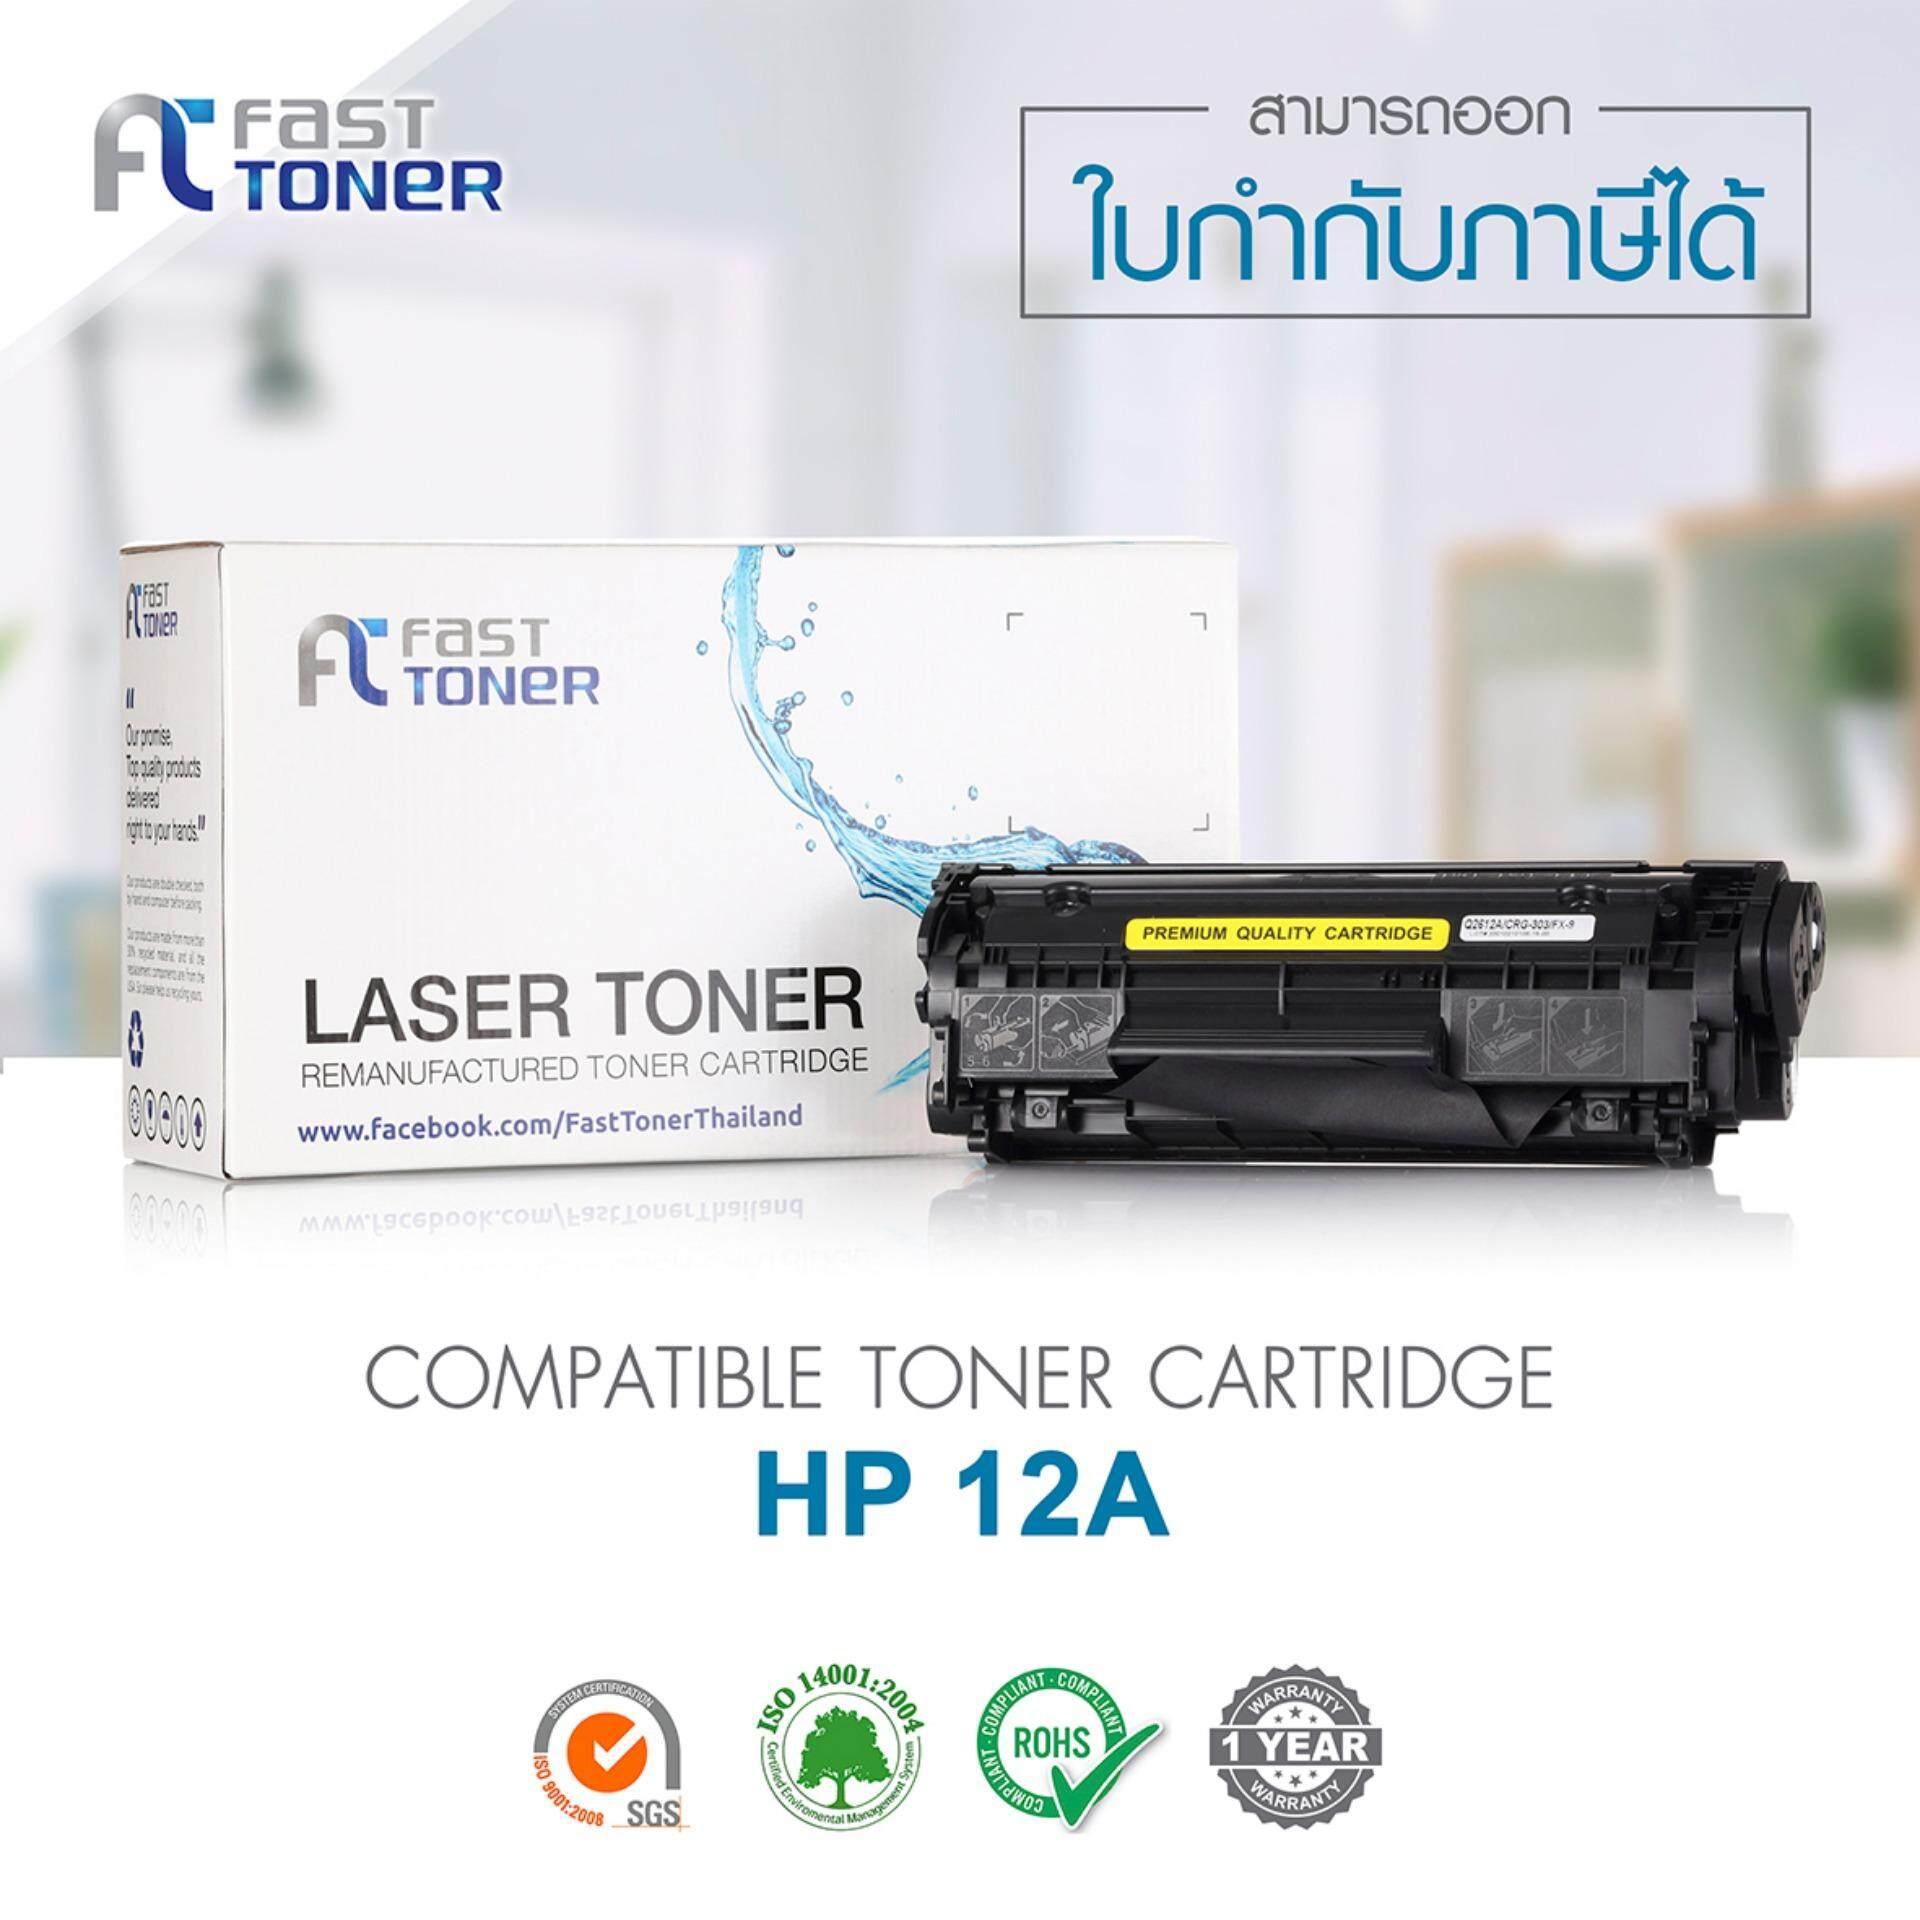 ทบทวน ตลับหมึกพิมพ์เลเซอร์ Hp Q2612A 12A Fast Toner Black Fast Toner